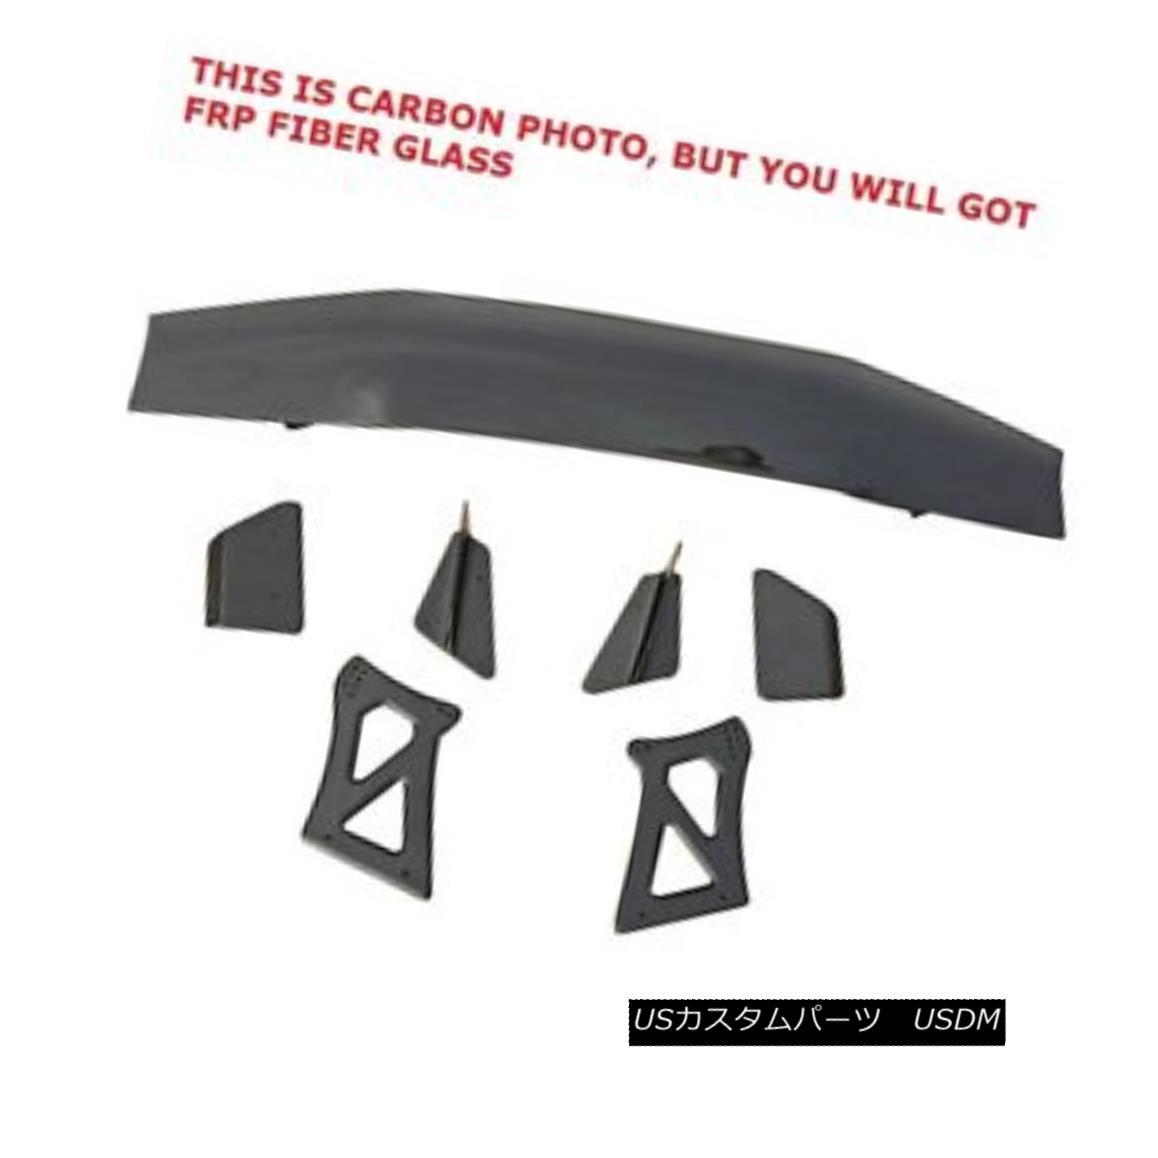 【予約受付中】 エアロパーツ FRP Fiber Style Rear 10 Fiber Spoiler Trunk GT Wing Lip Kit For Mitsubishi EVO 10 VS Style 三菱EVO 10 VSスタイル用FRPファイバーリアスポイラートランクGTウィングリップキット, クイーンズ ハニー ビューティー:2948b417 --- kventurepartners.sakura.ne.jp